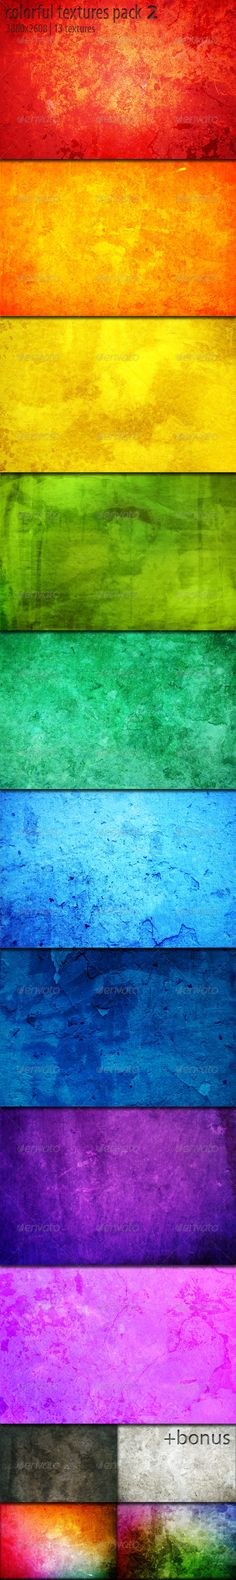 Colorful Textures Pack 2 - Concrete Textures